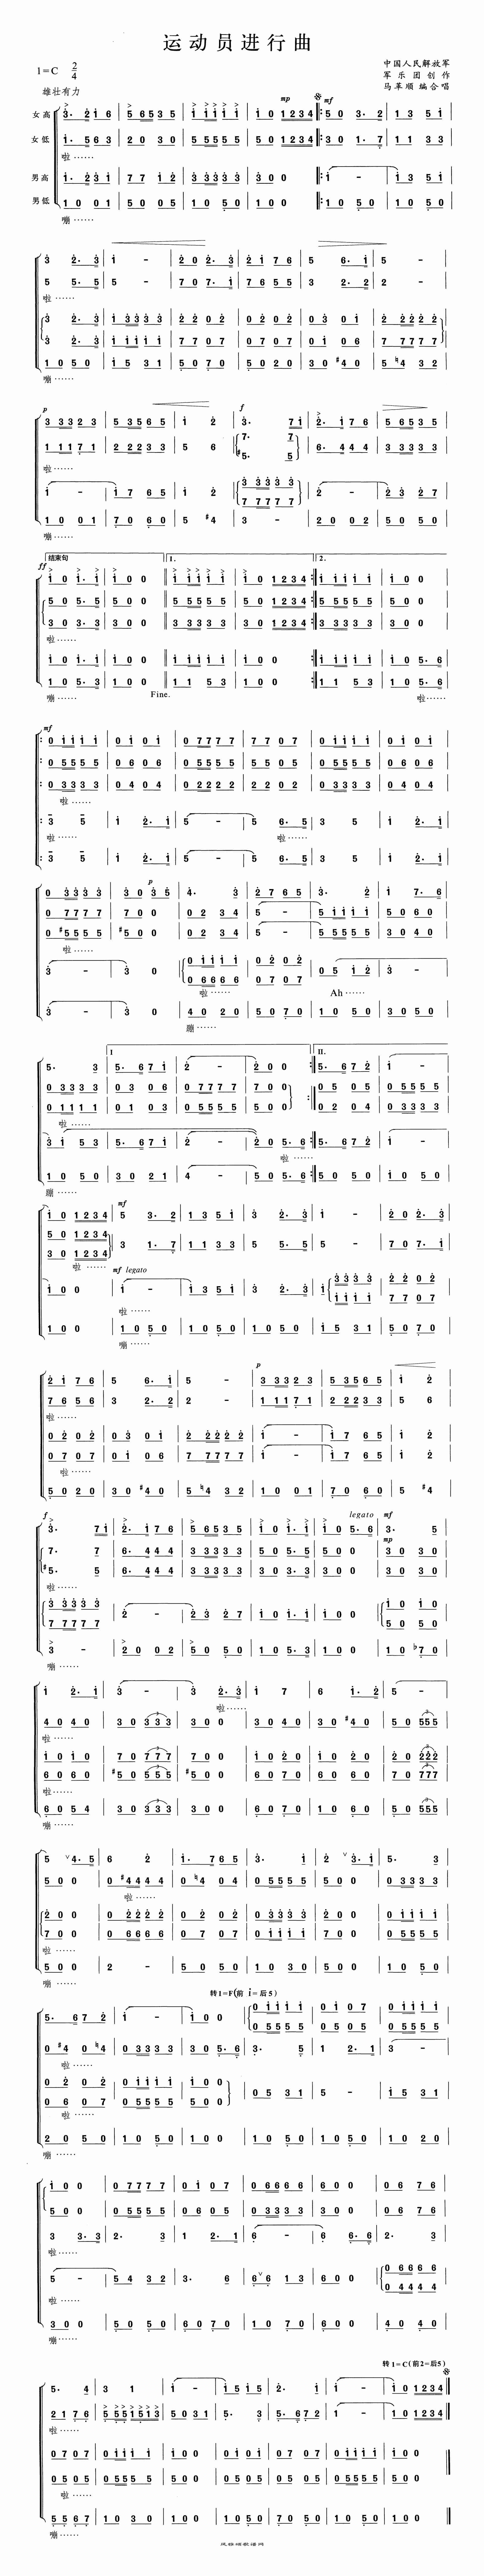 运动员进行曲(中国)高清打印歌谱简谱